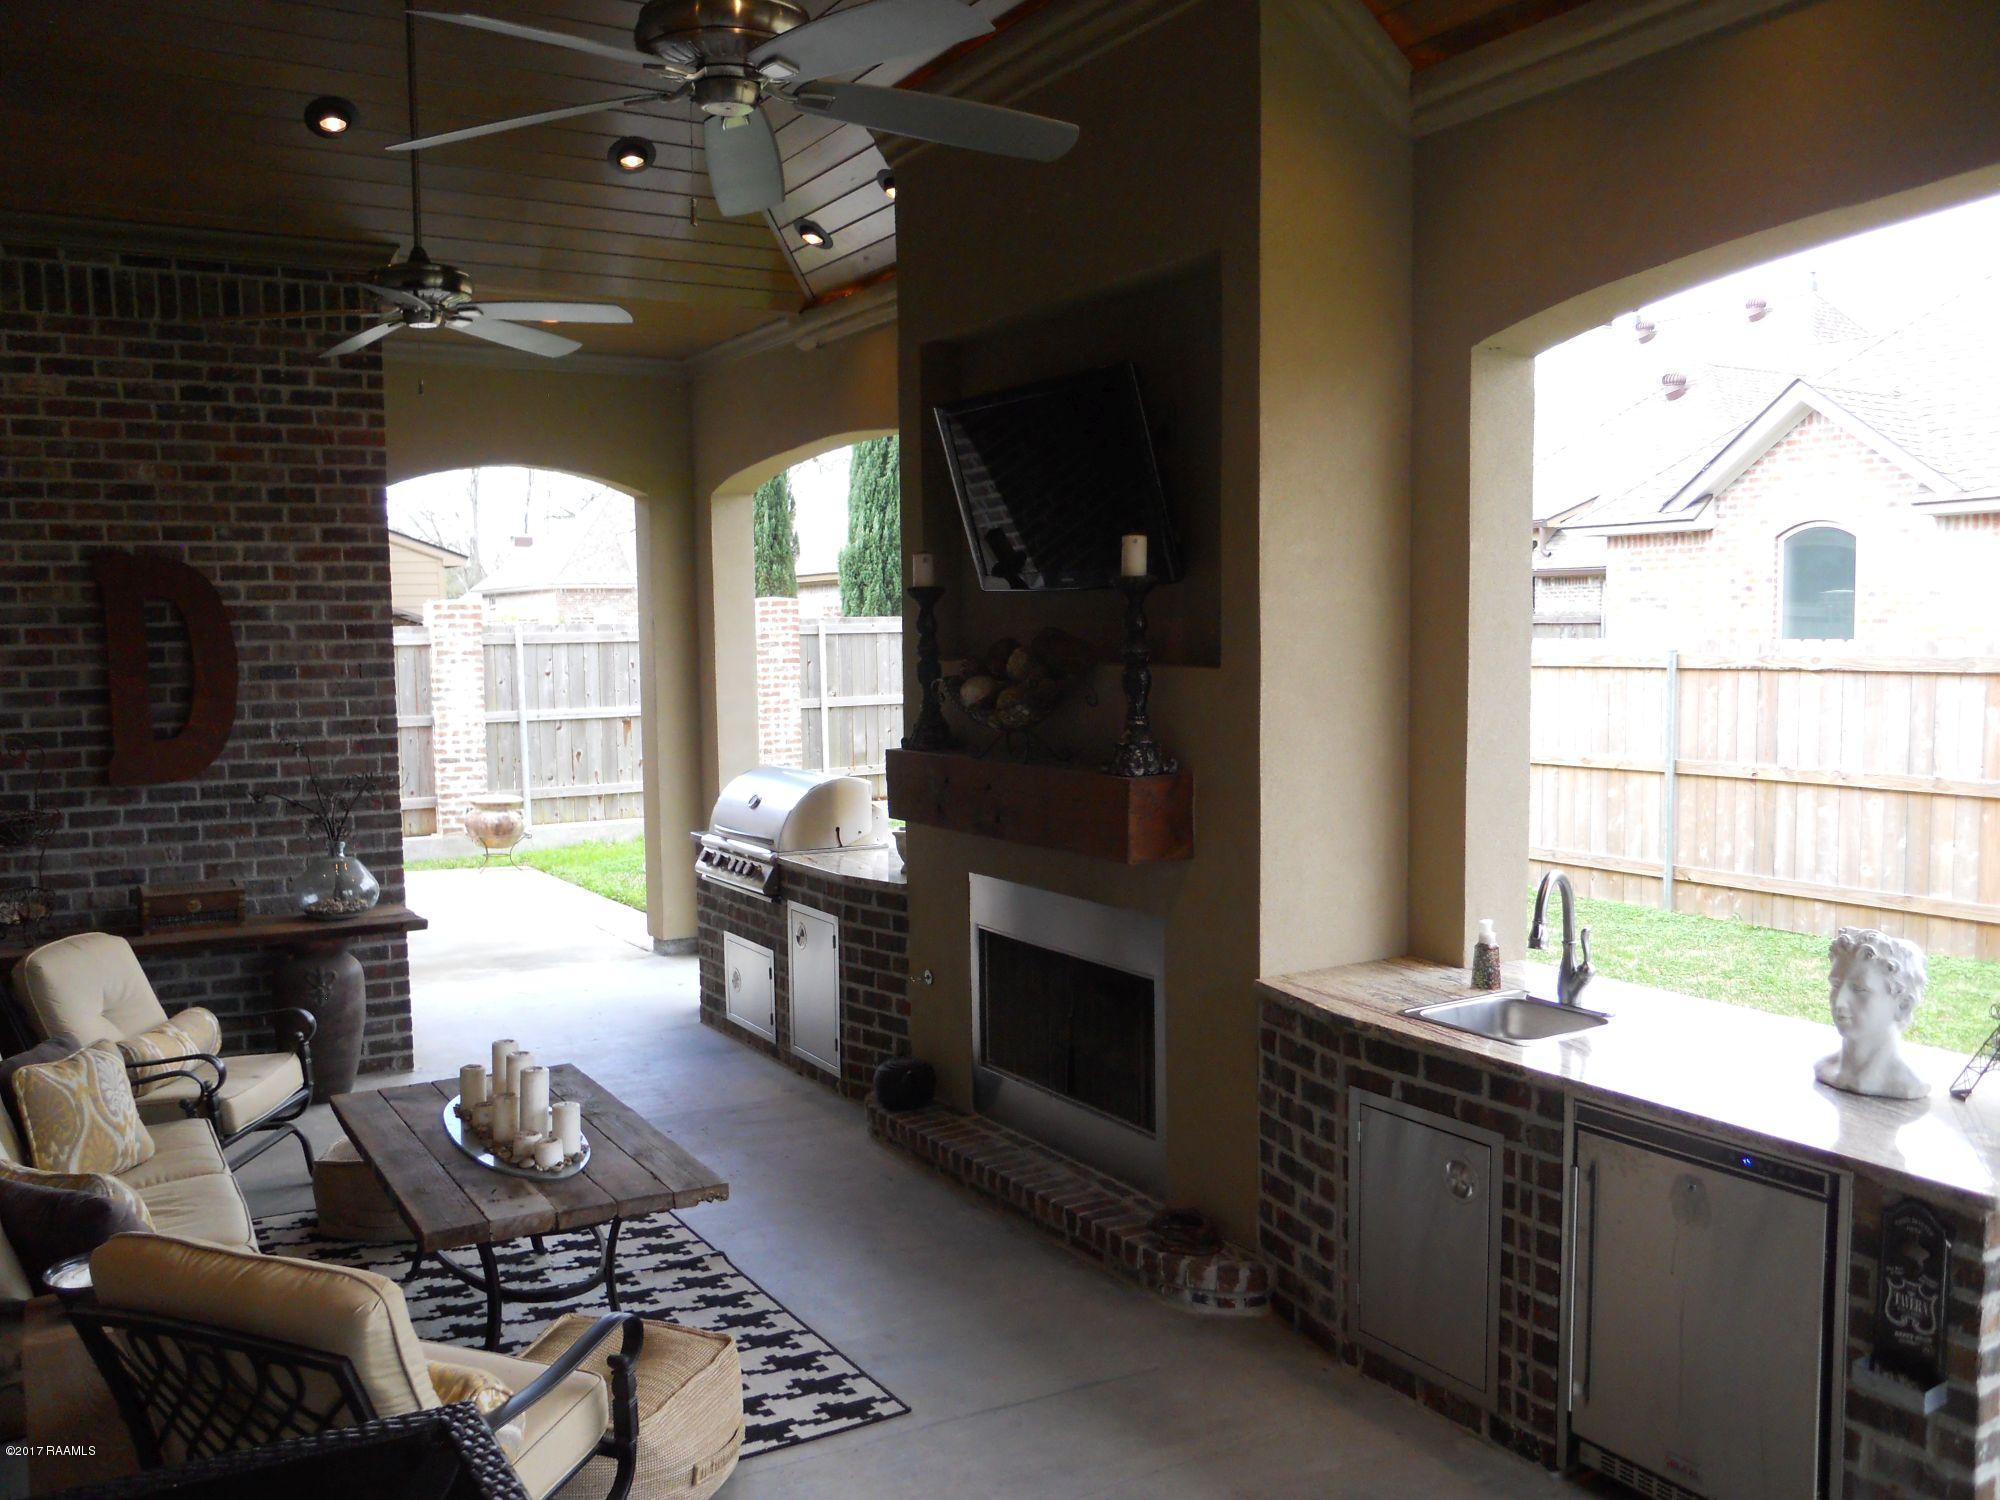 108 Fernridge Drive, Lafayette, LA 70508 Photo #4